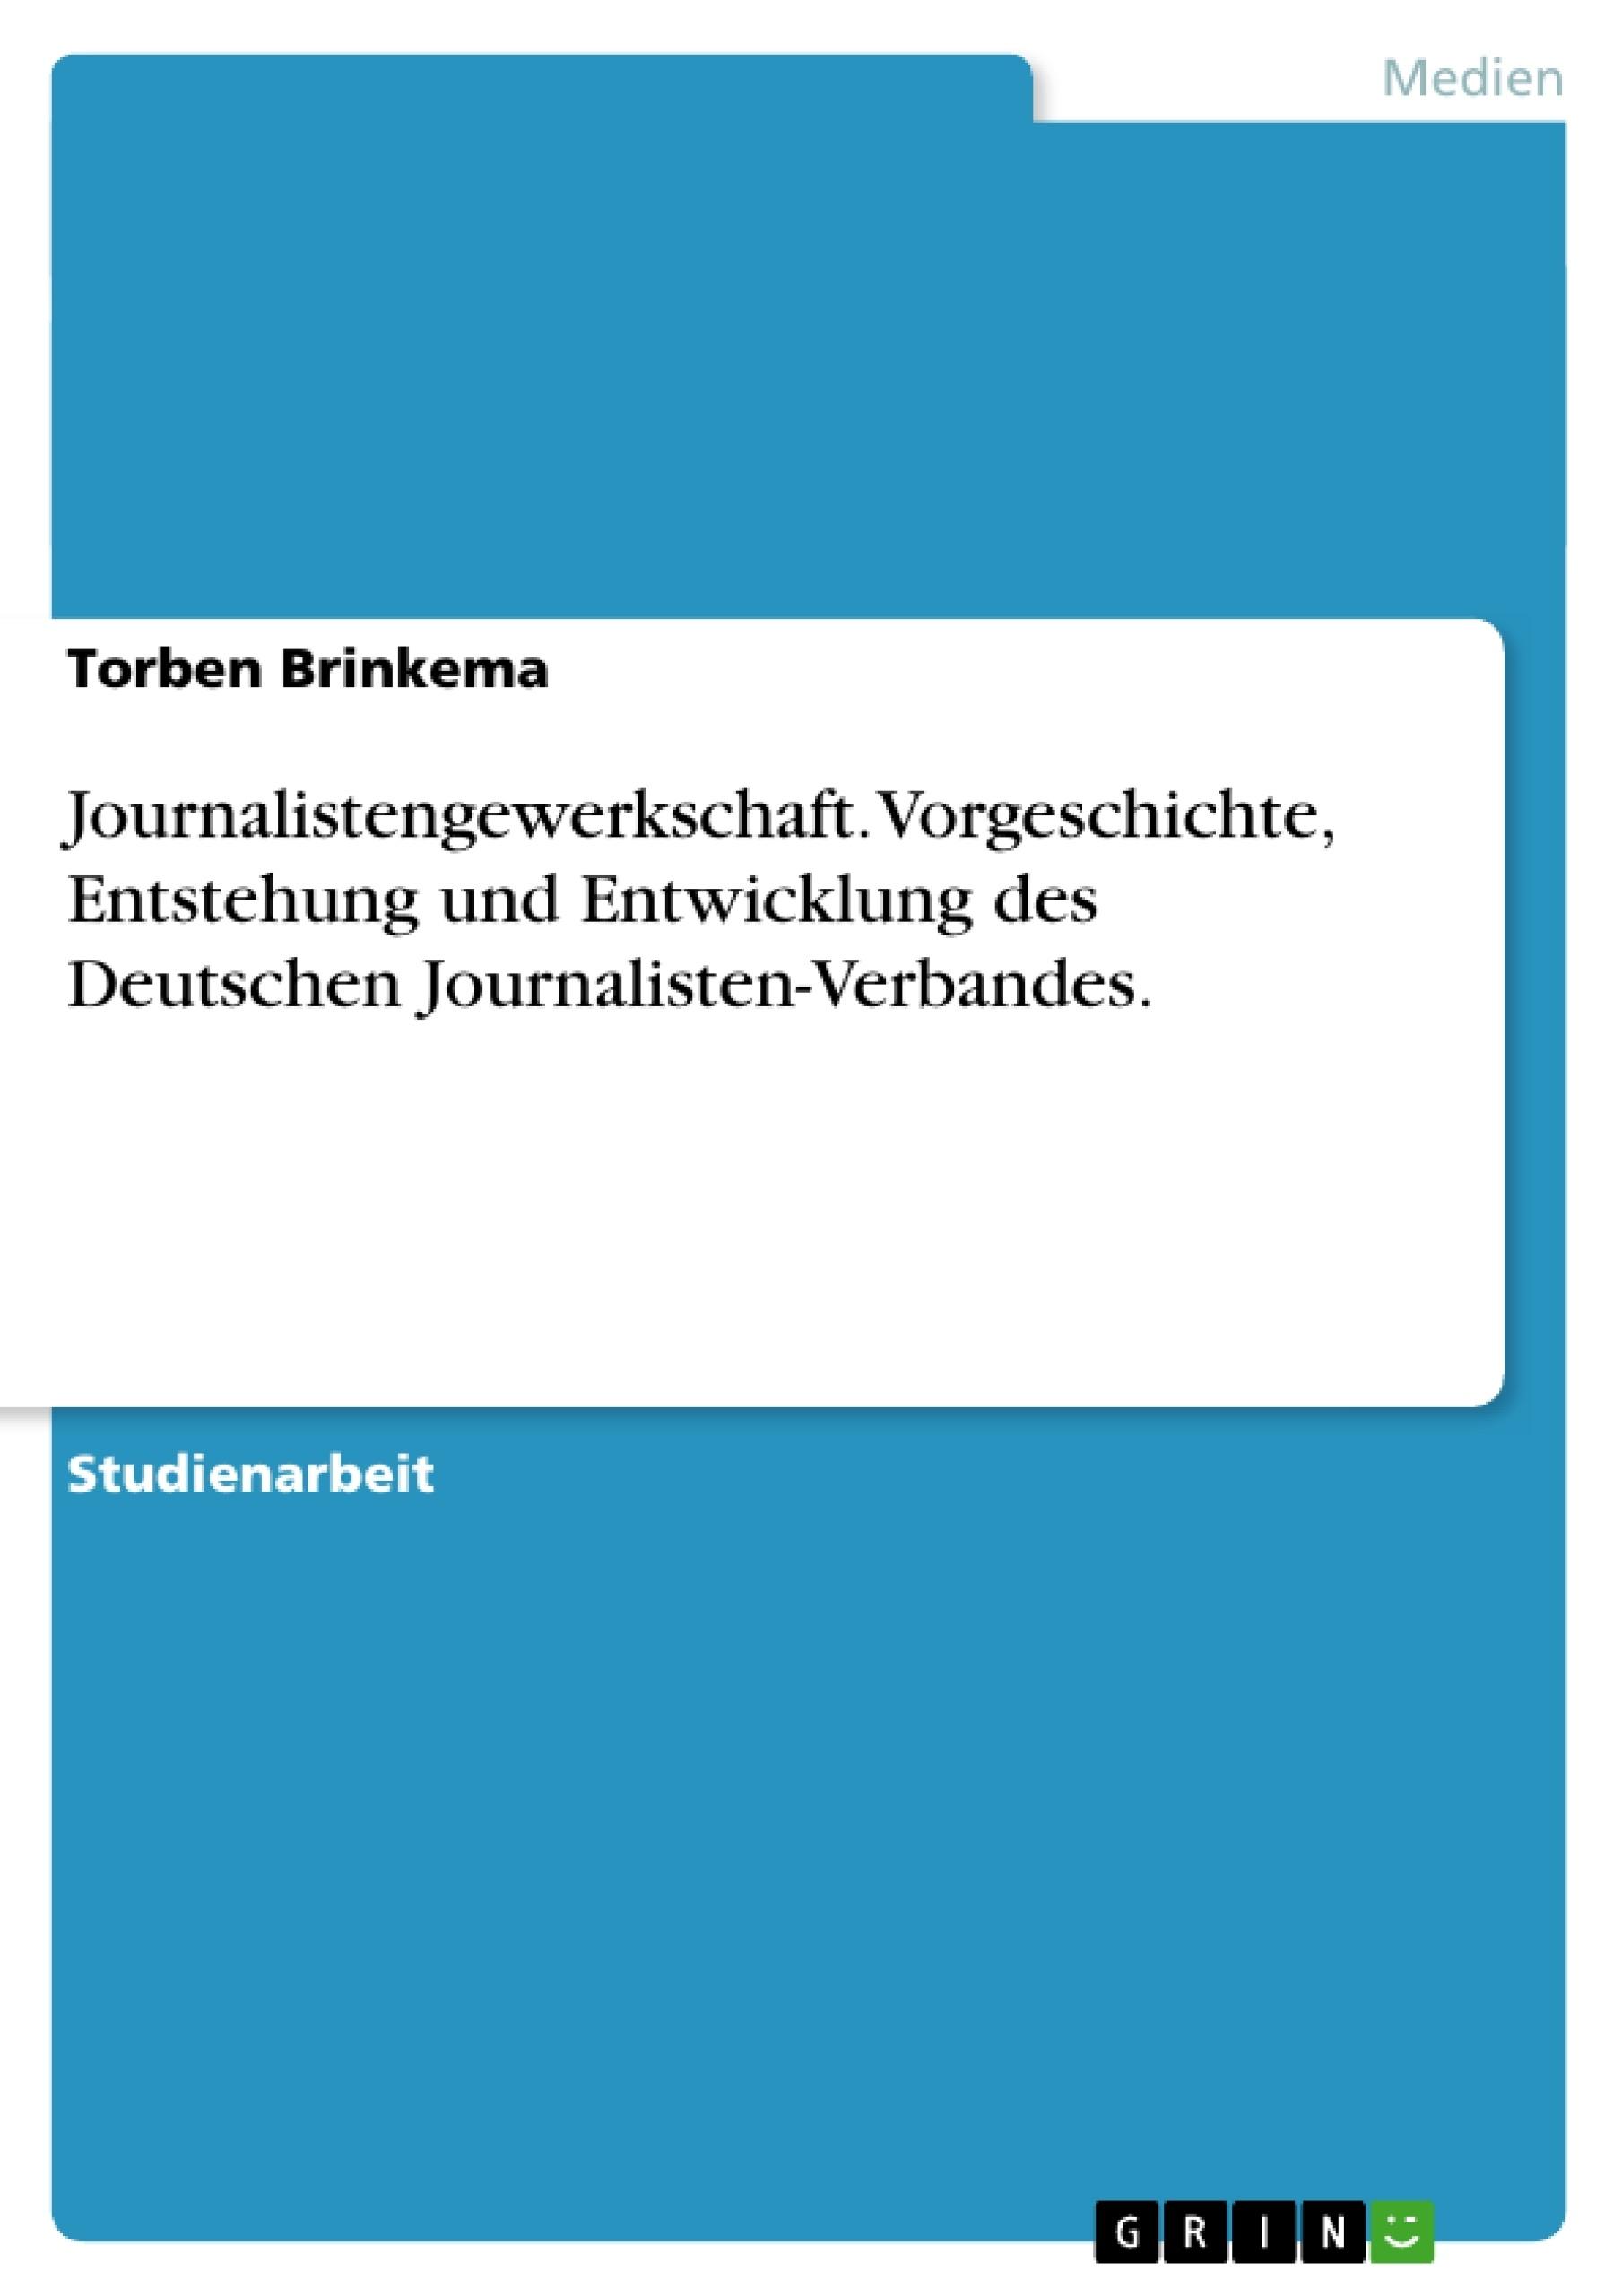 Titel: Journalistengewerkschaft. Vorgeschichte, Entstehung und Entwicklung des Deutschen Journalisten-Verbandes.